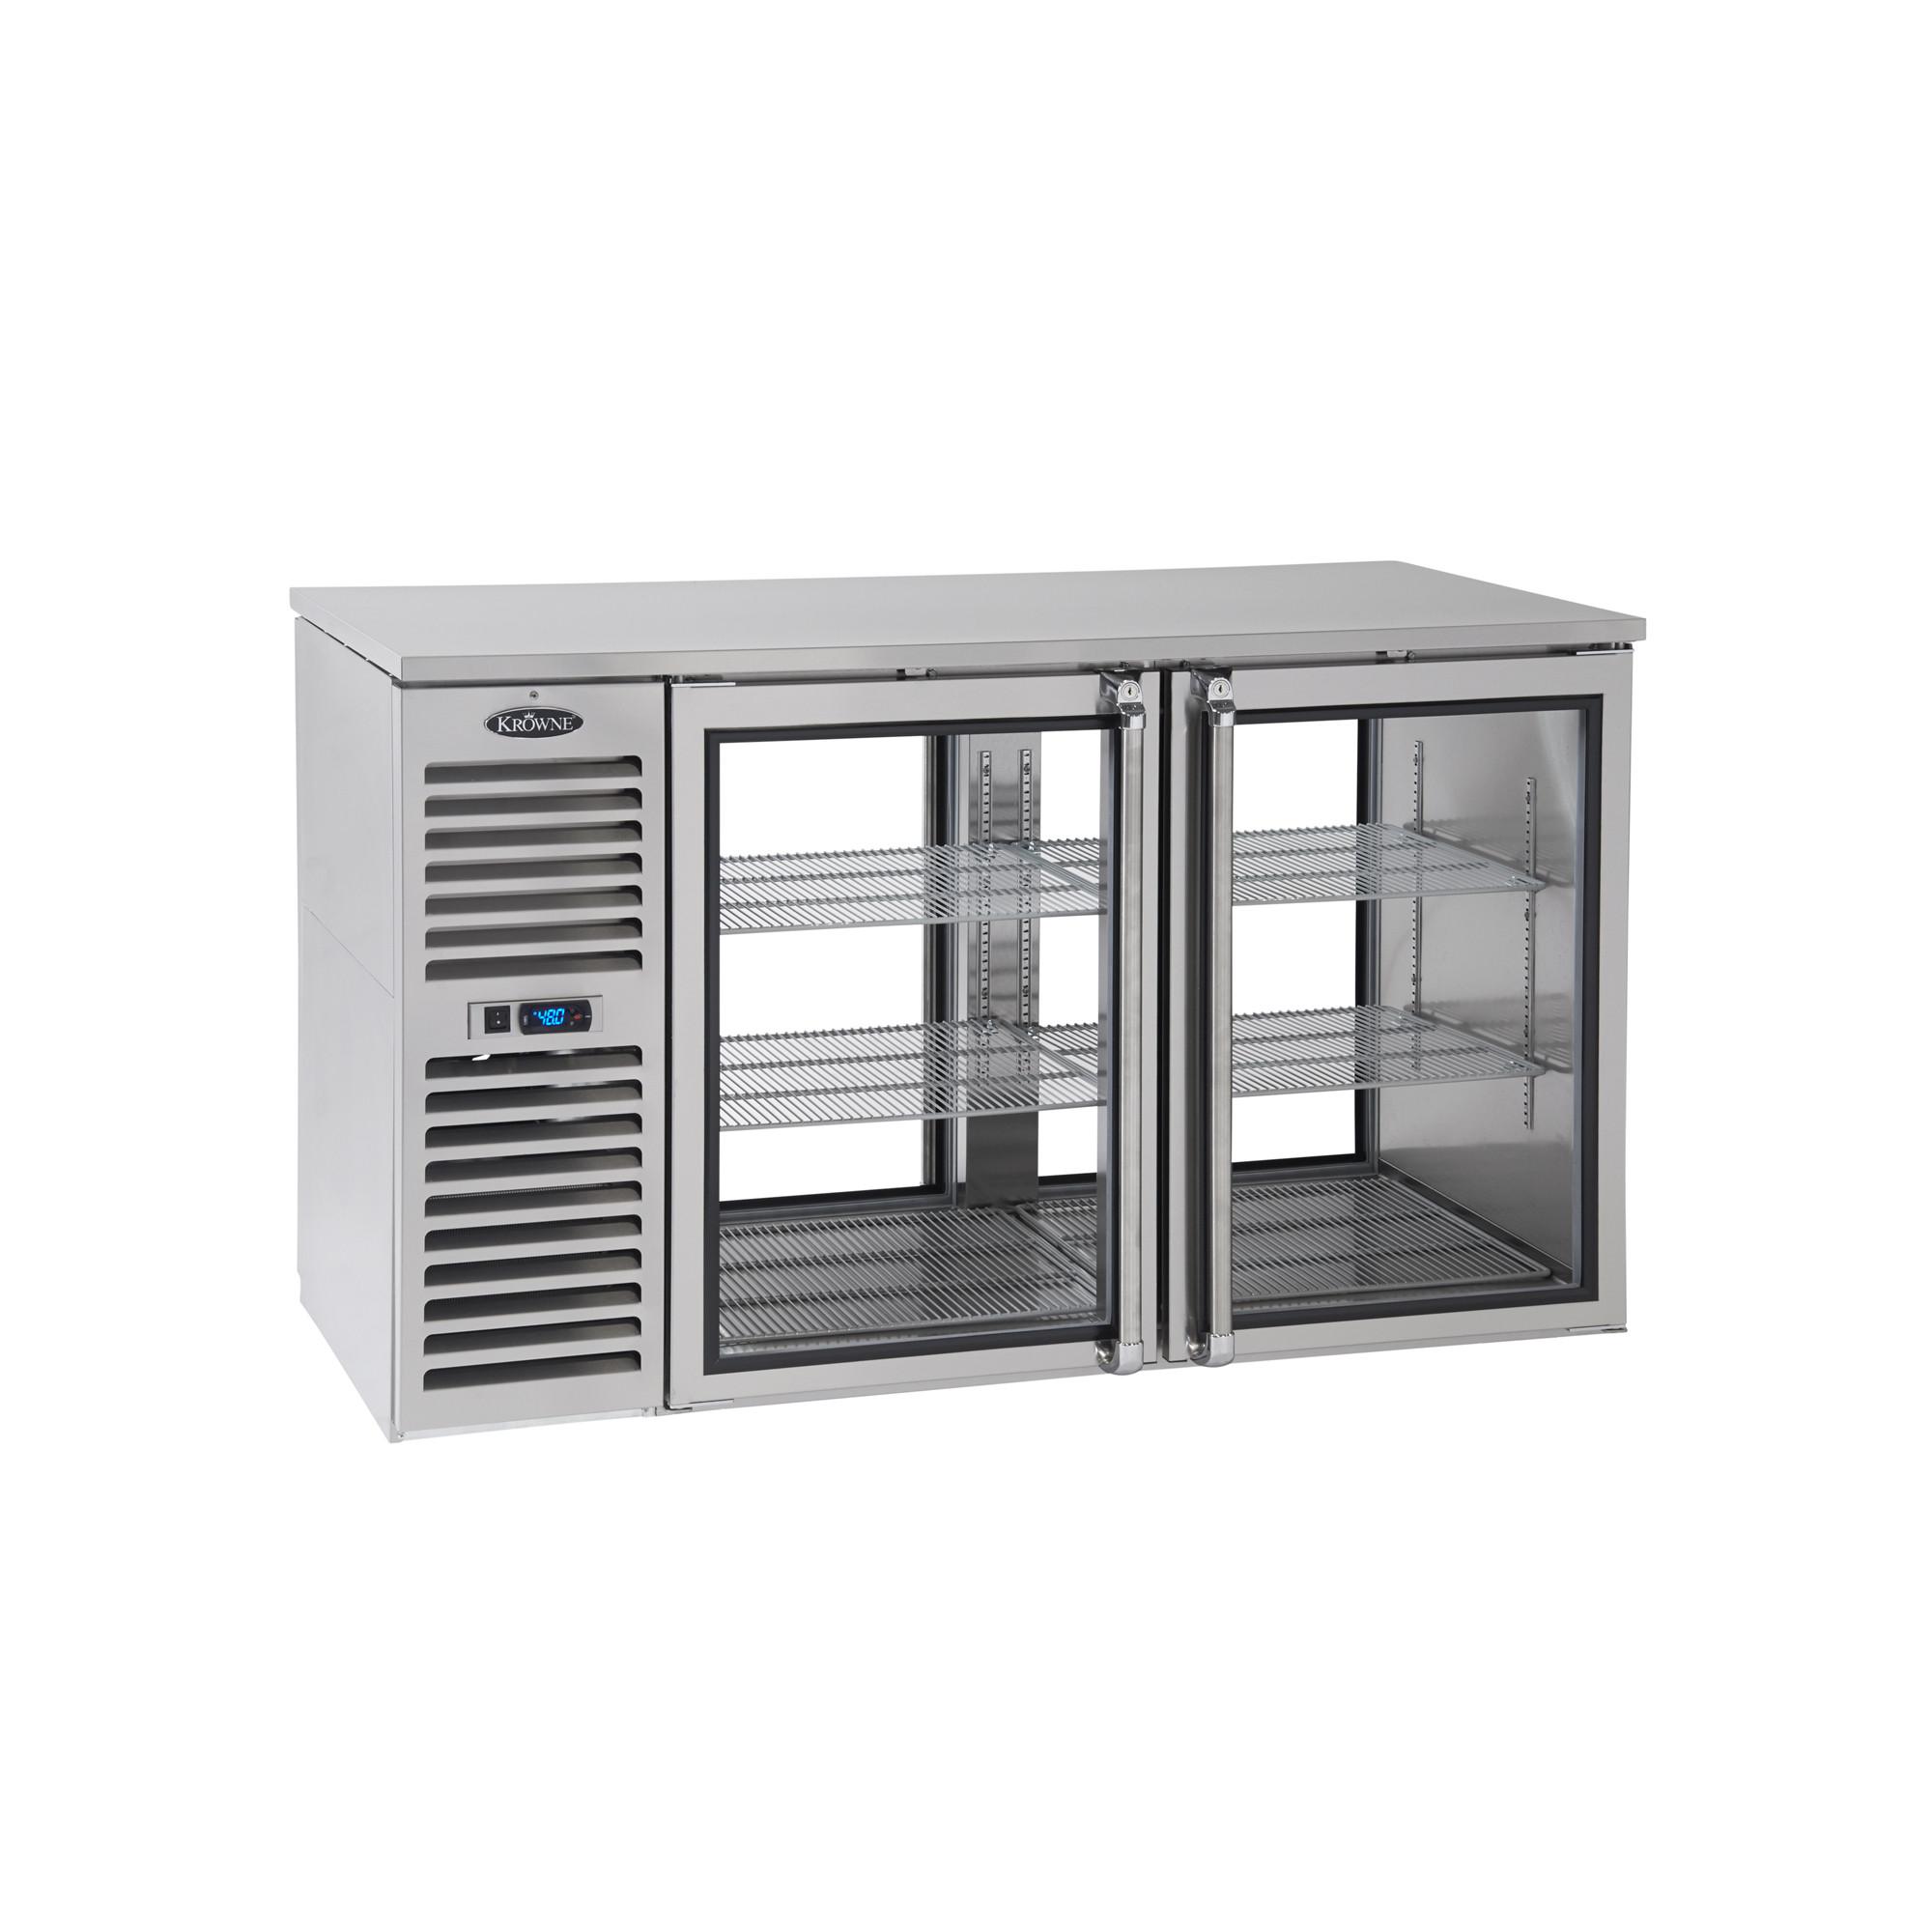 Krowne Metal KPT60L-KSS-LR/LR refrigeration